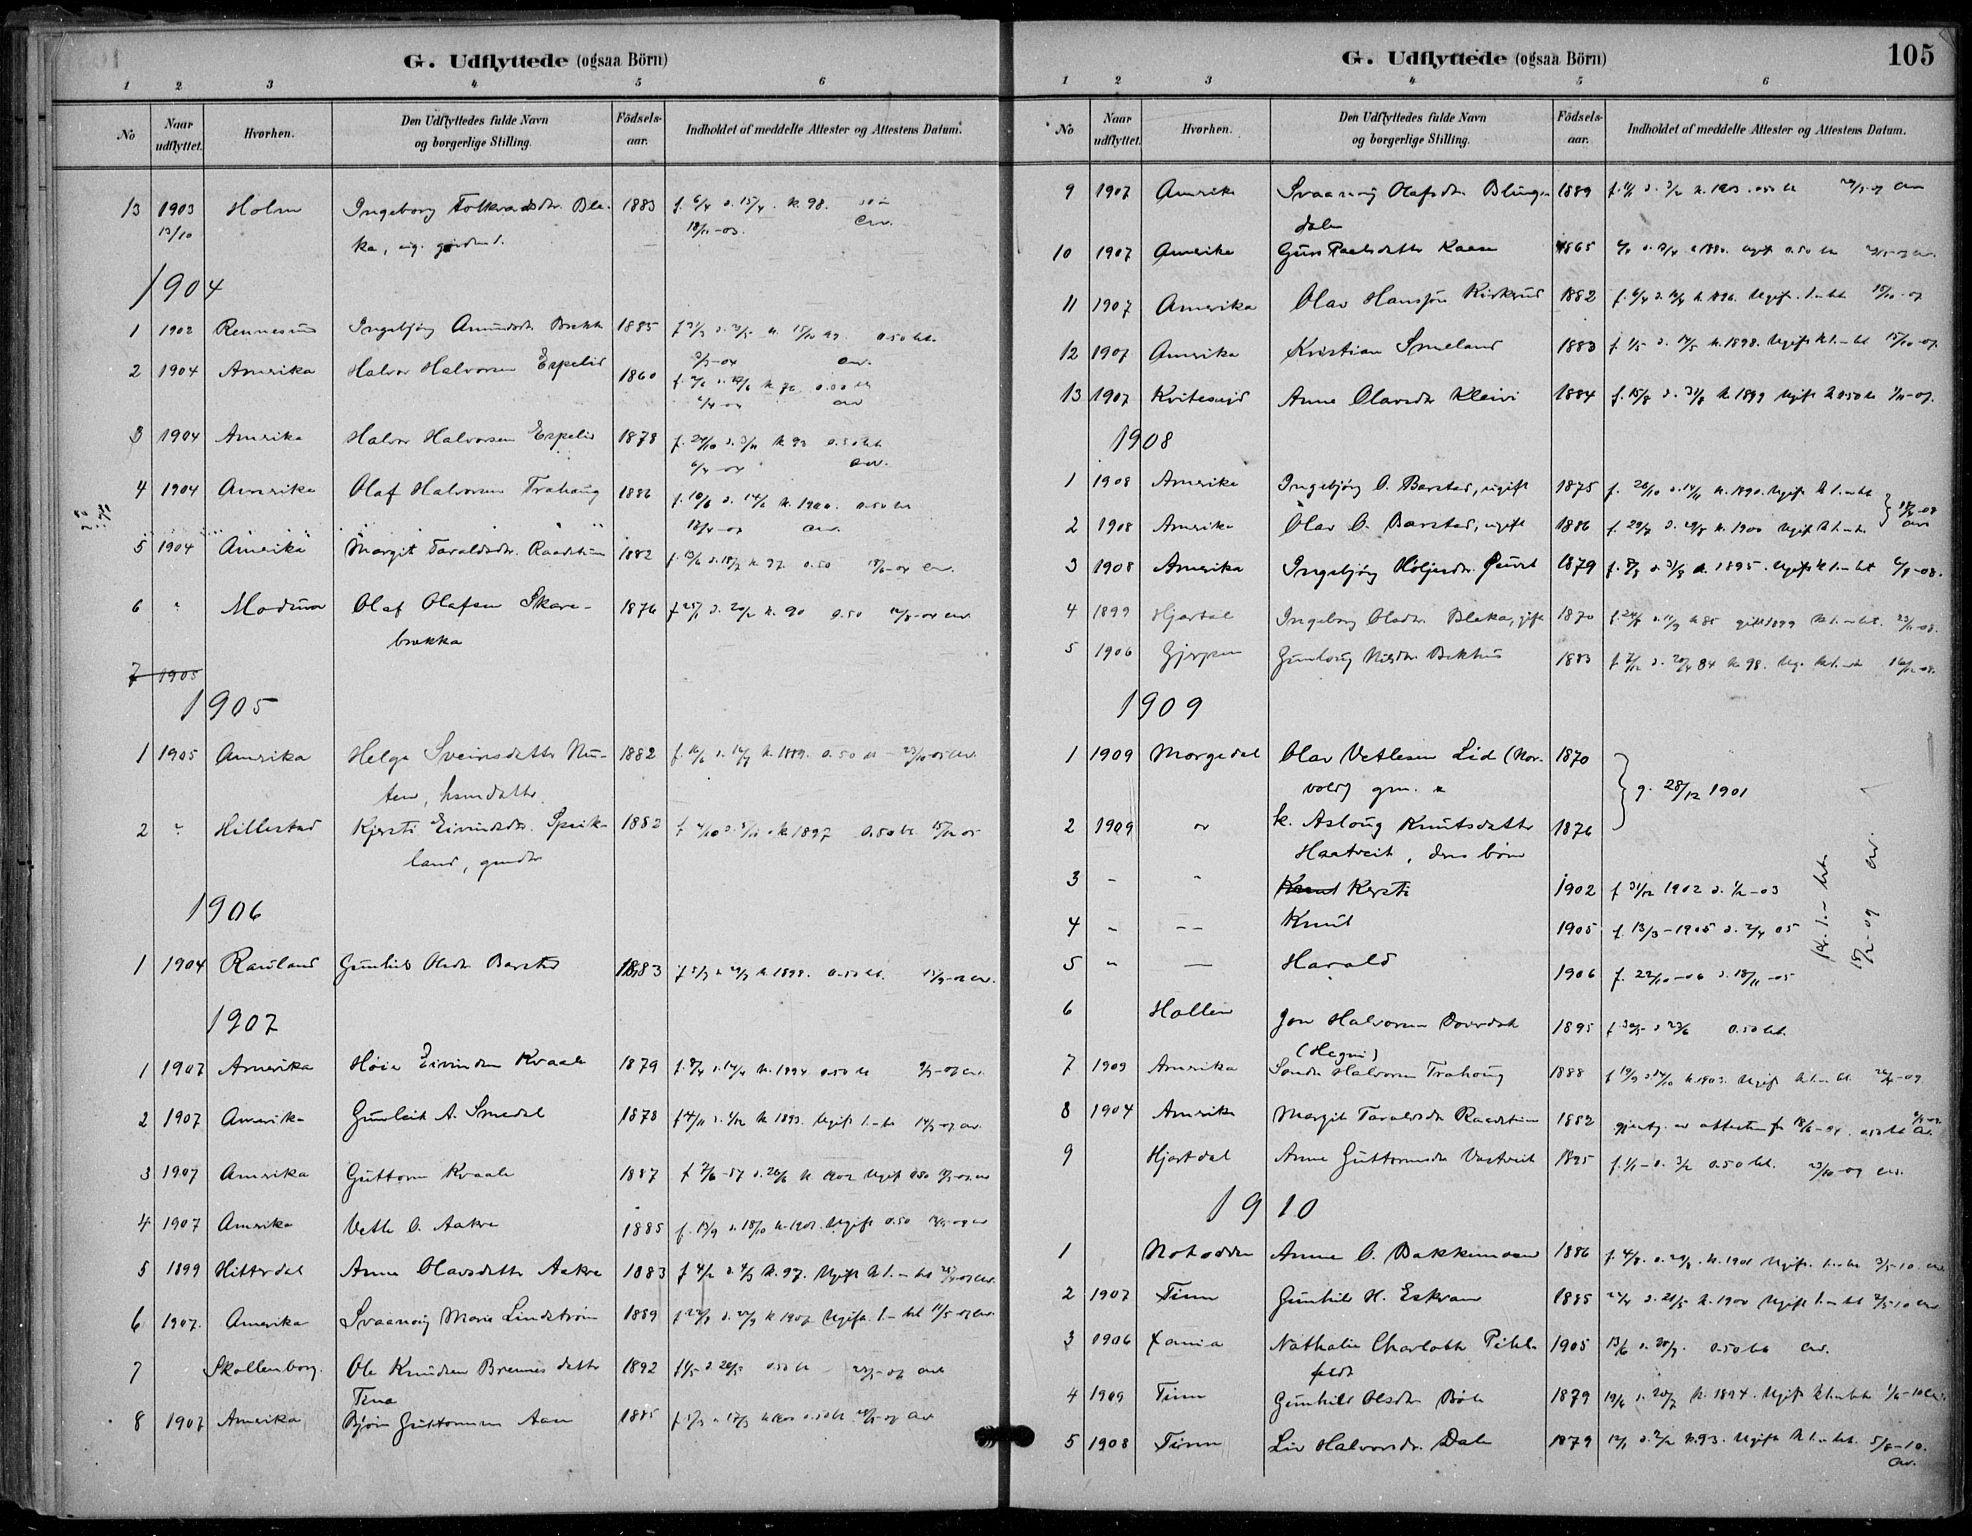 SAKO, Seljord kirkebøker, F/Fb/L0002: Ministerialbok nr. II 2, 1887-1917, s. 105